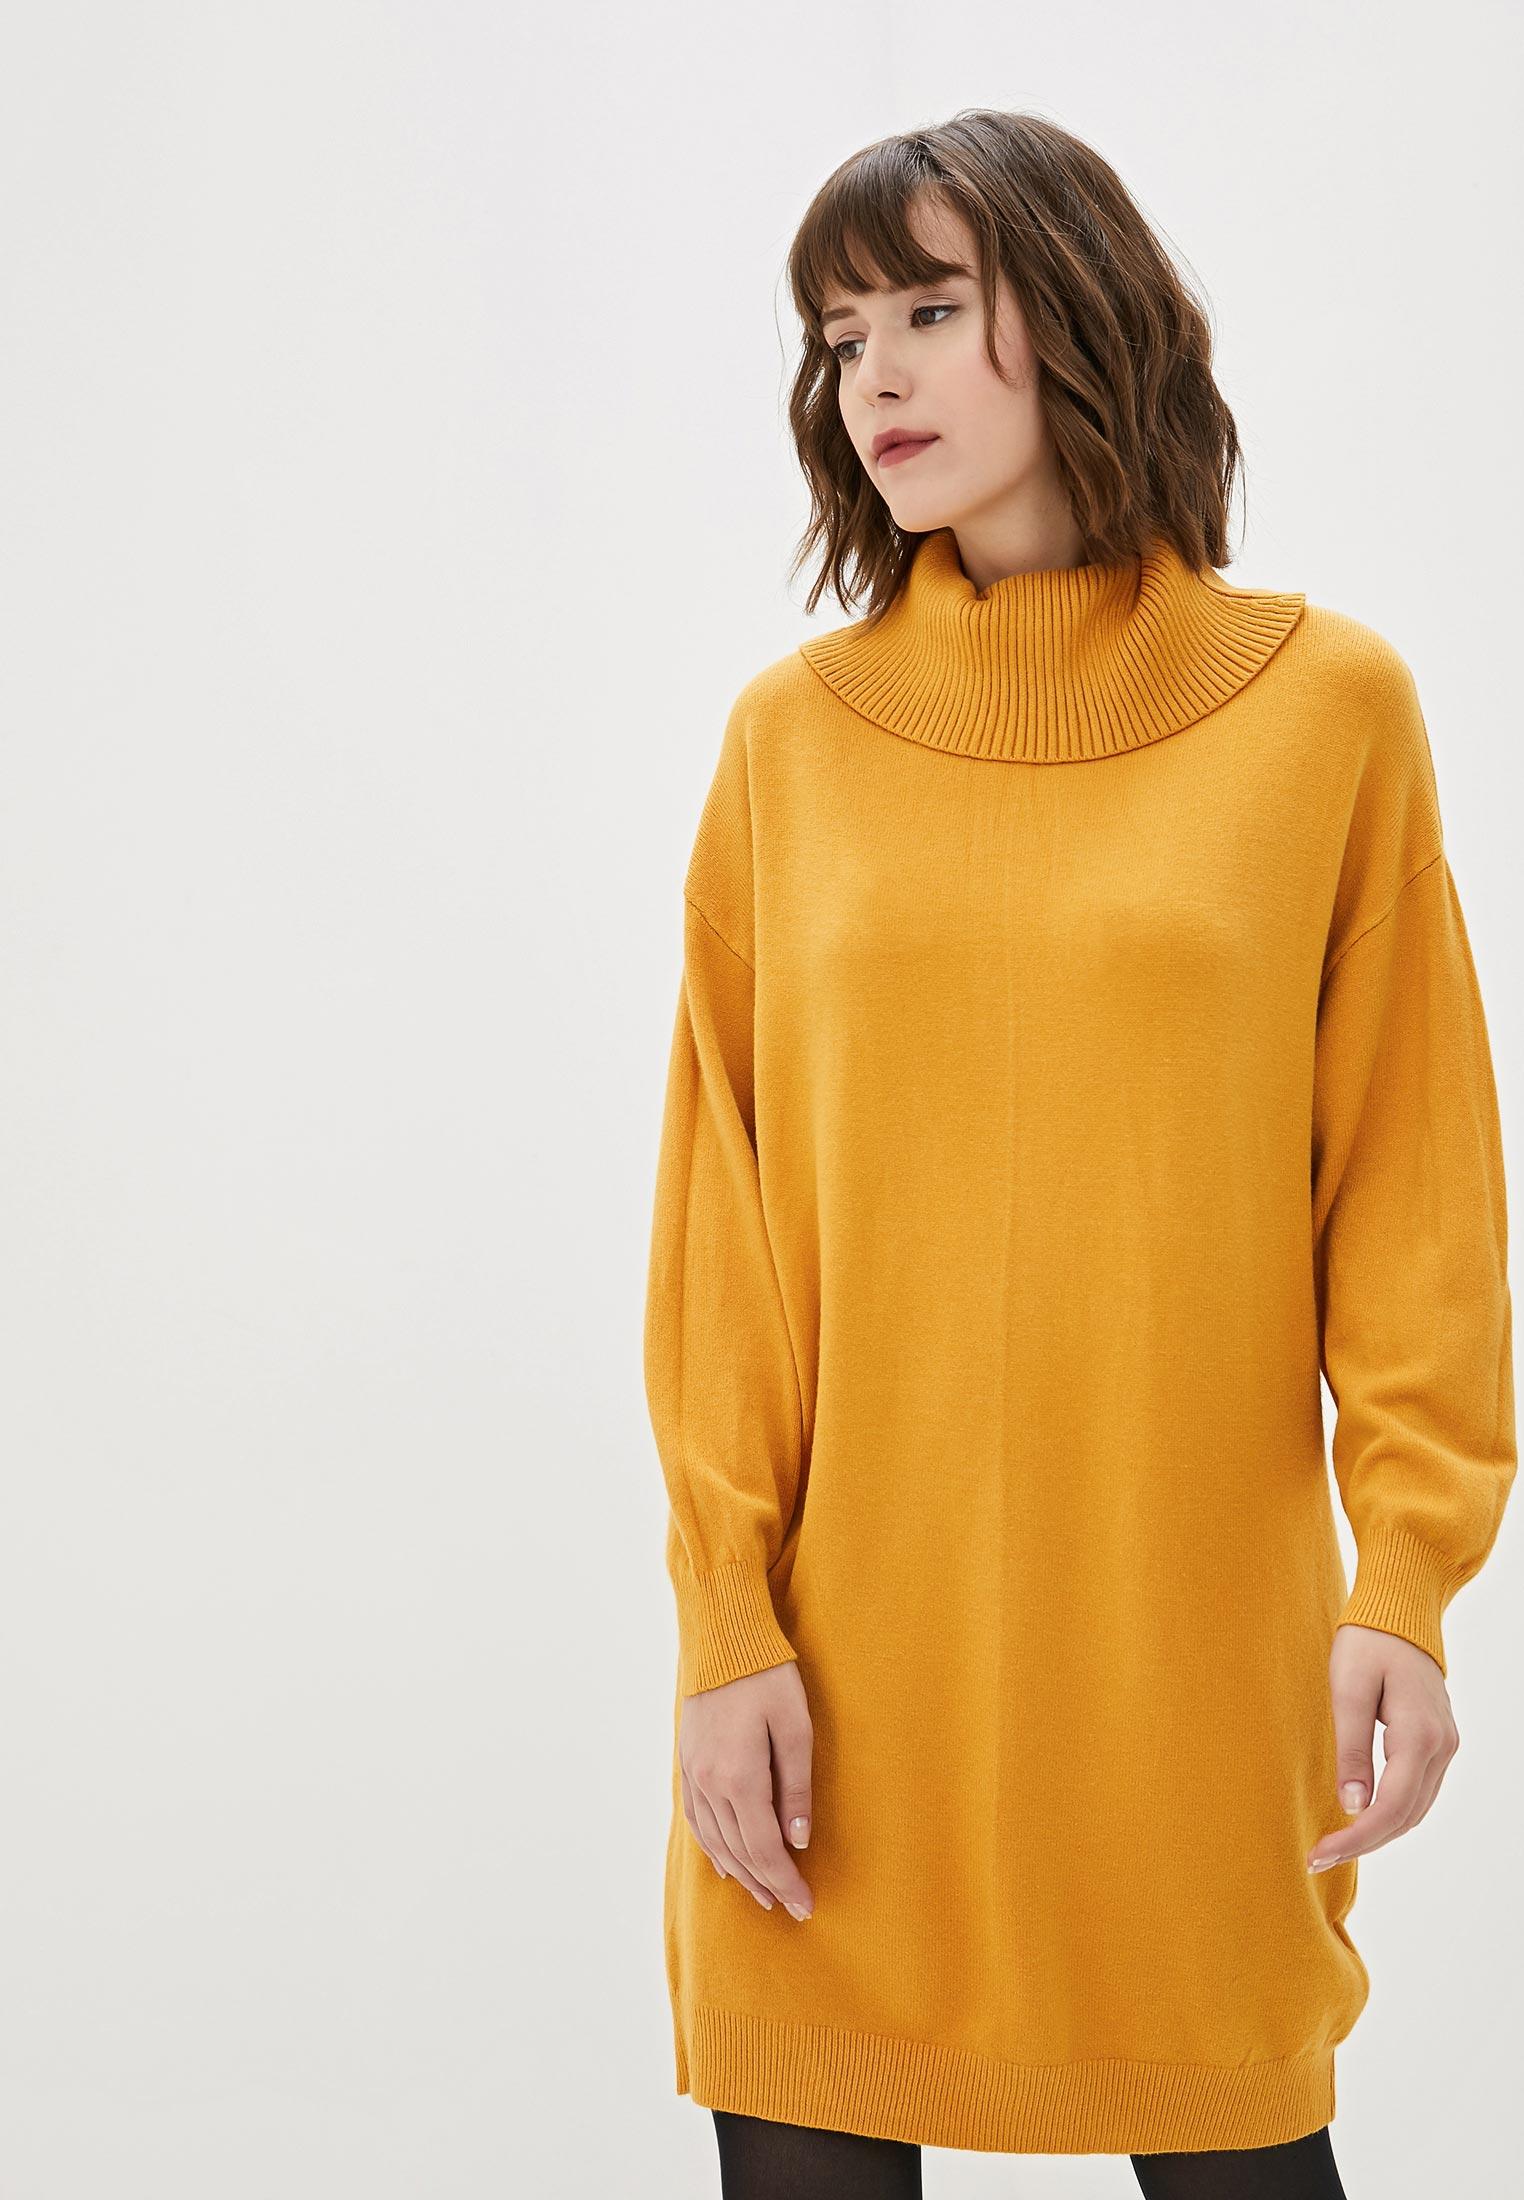 Вязаное платье Moocci R024